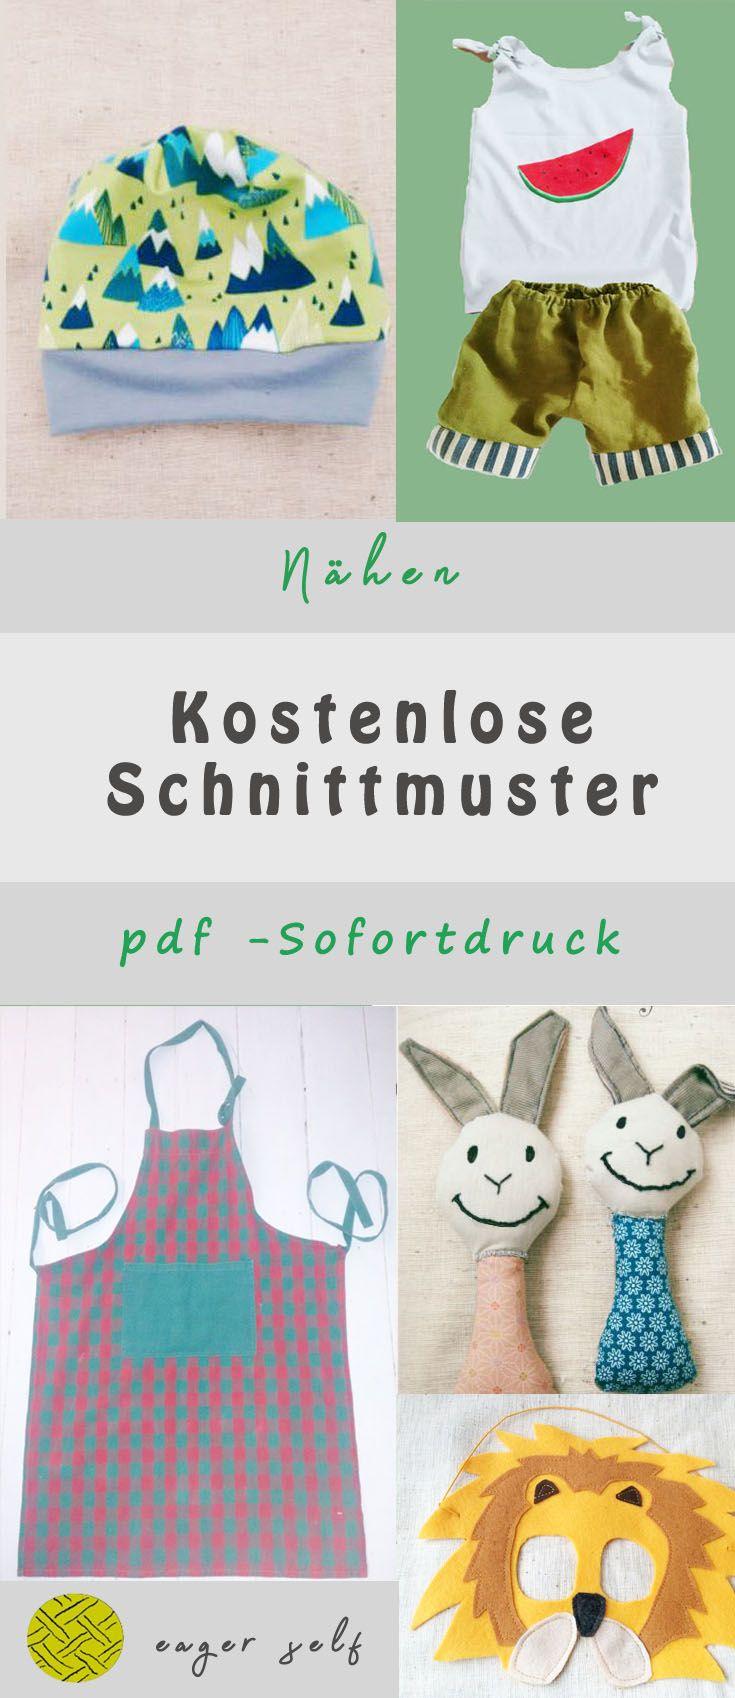 Schnittmuster gratis download